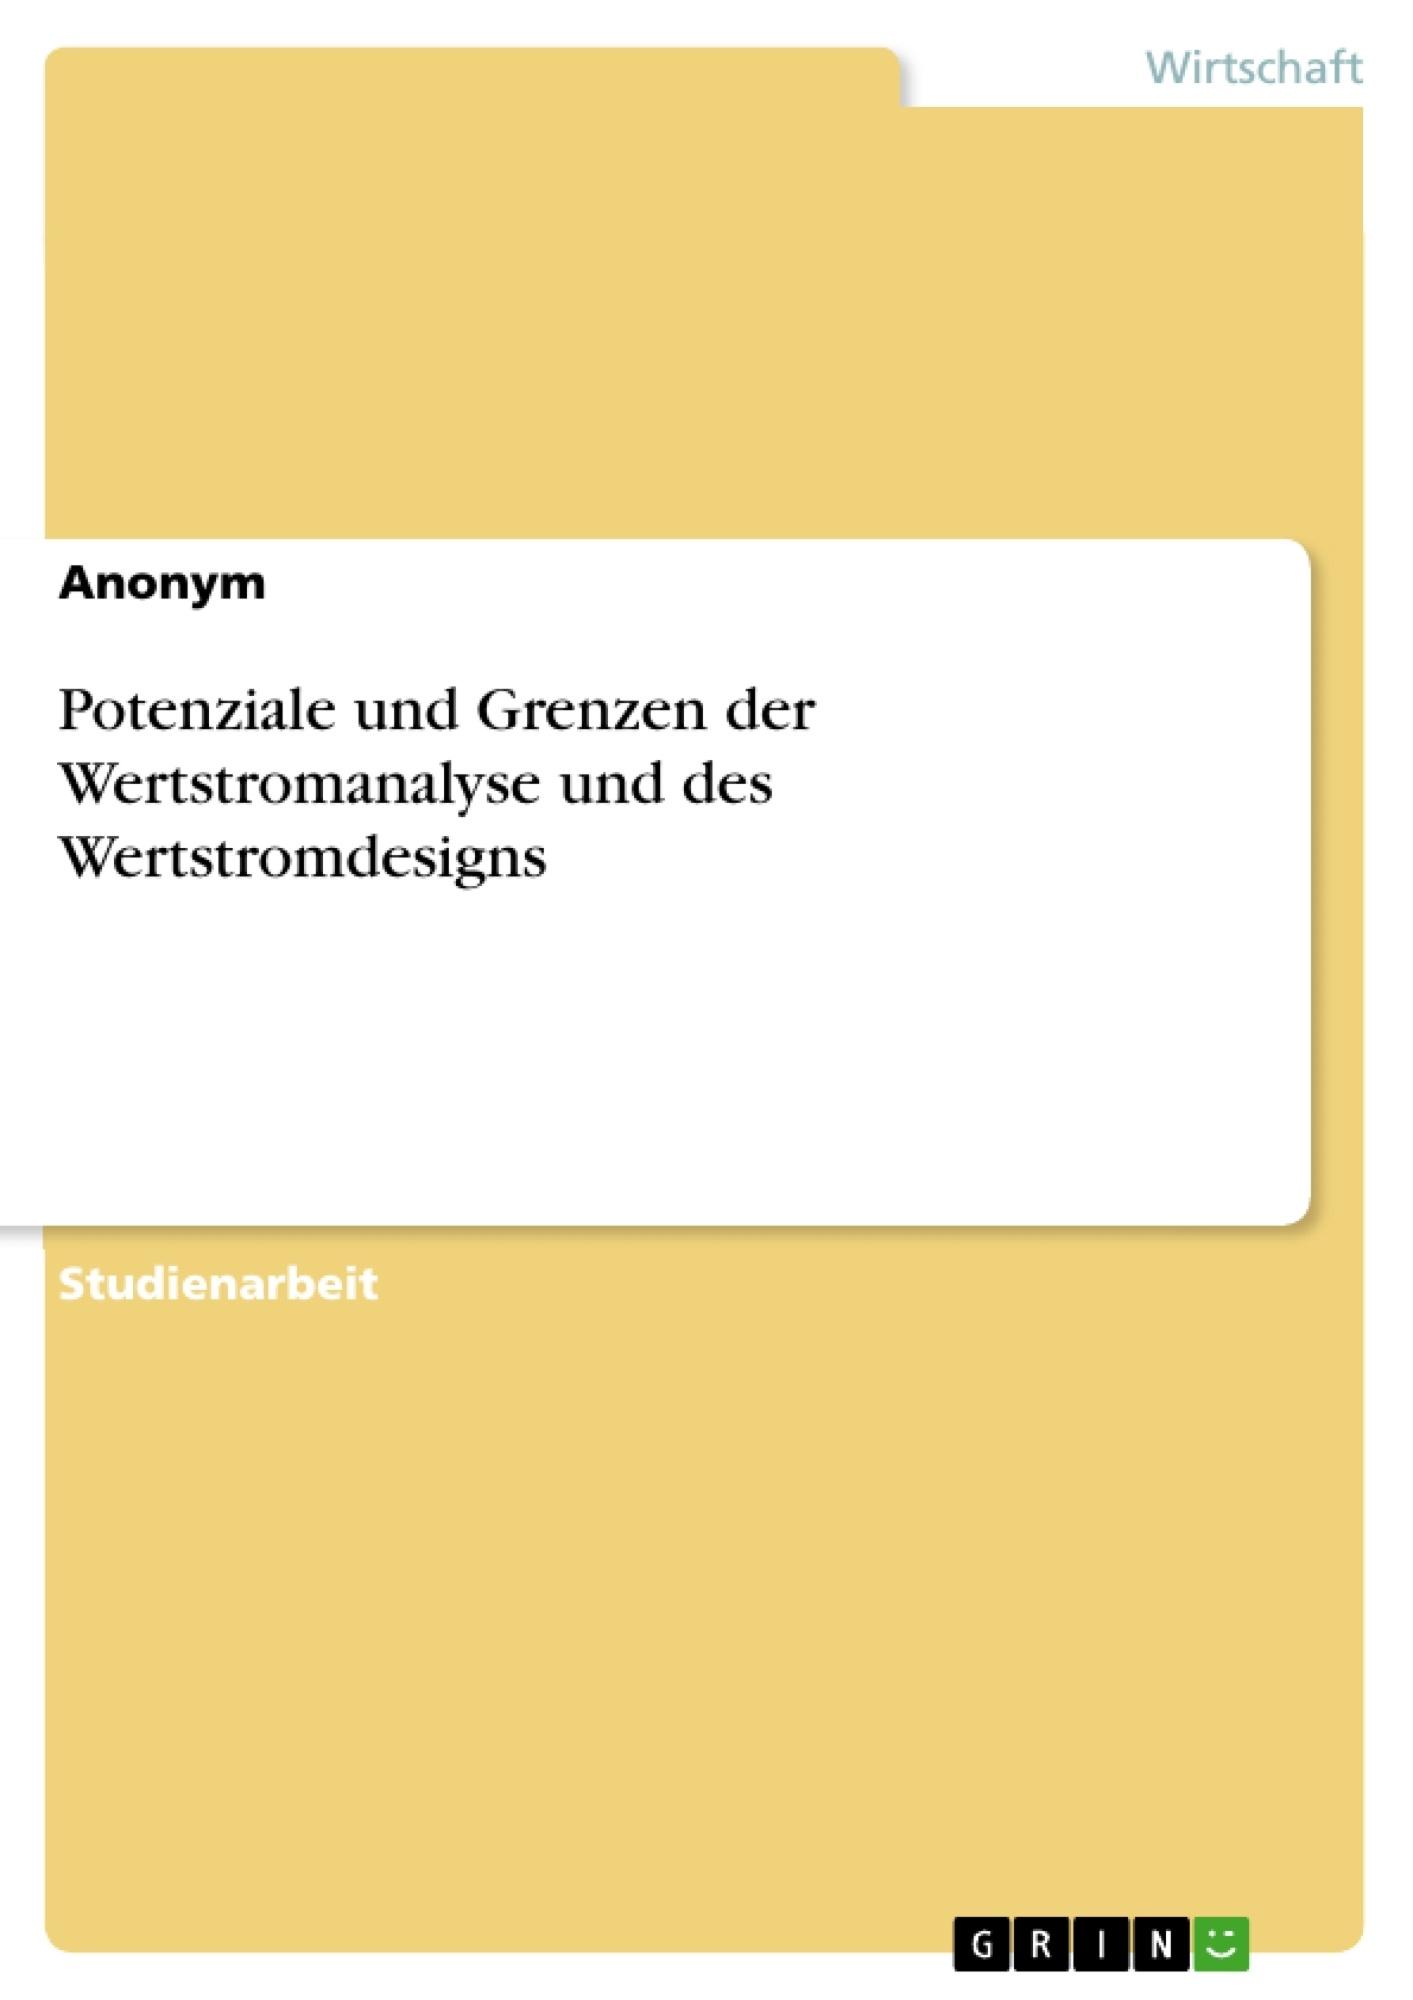 Titel: Potenziale und Grenzen der Wertstromanalyse und des Wertstromdesigns